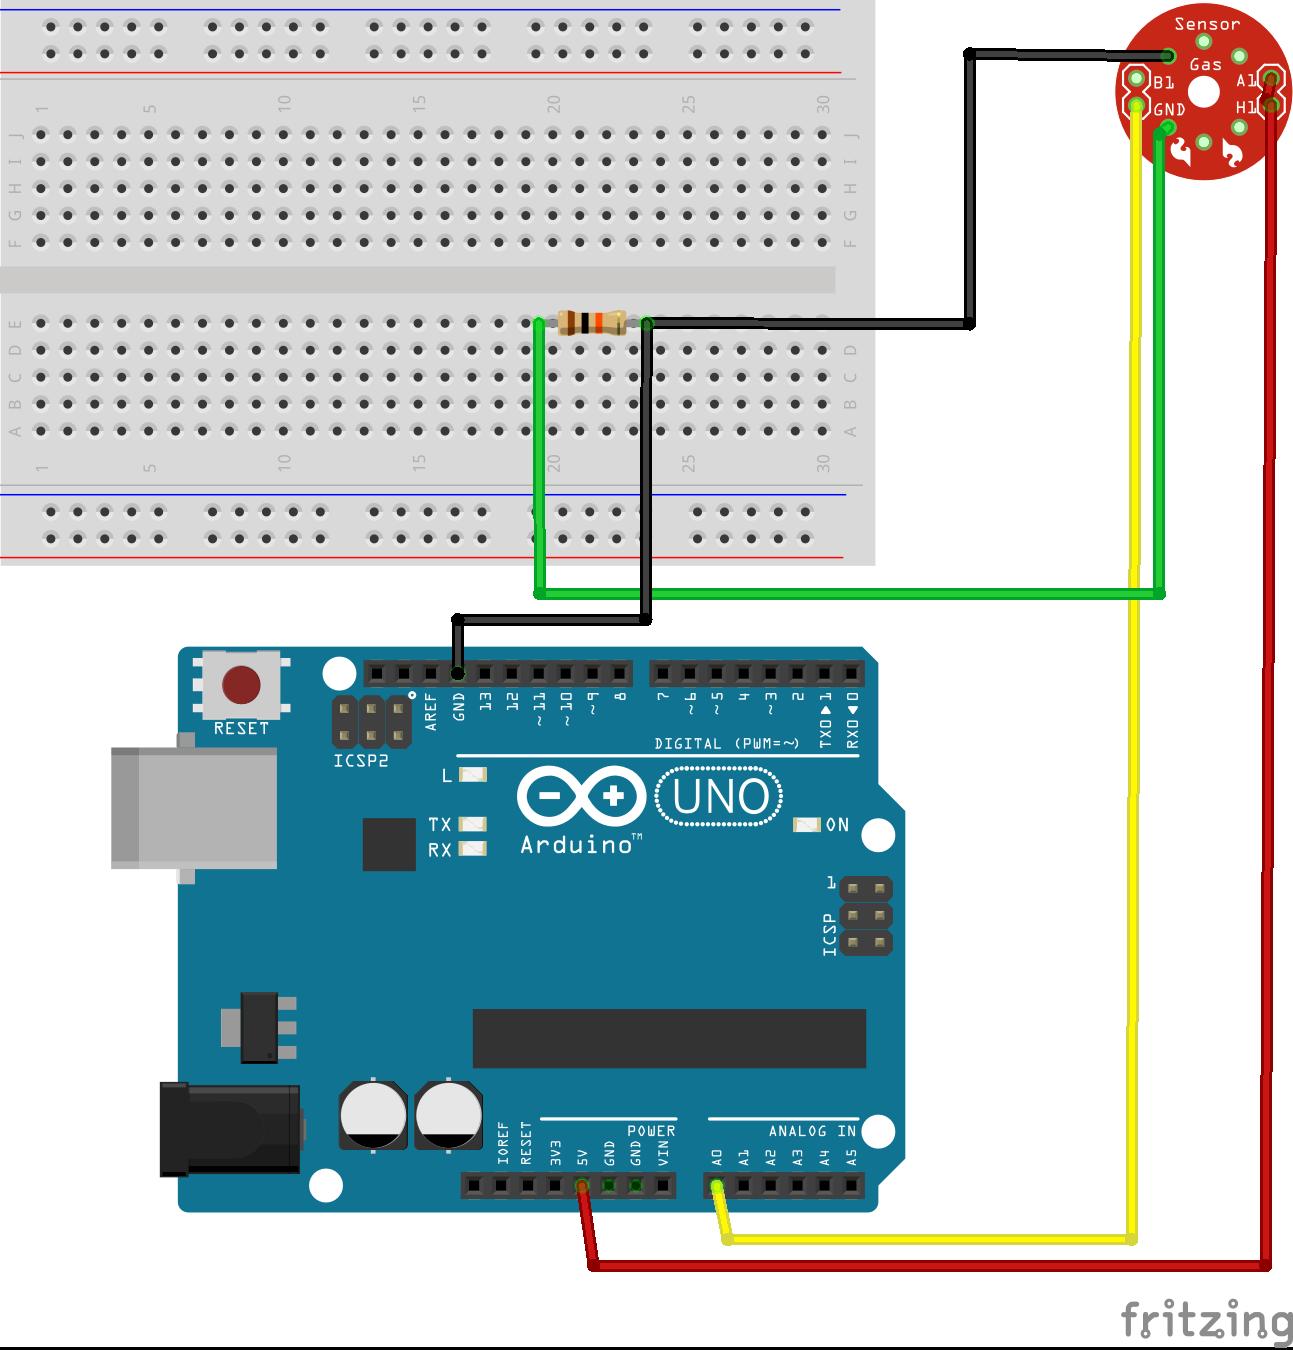 Progetto etilometro con un sensore mq arduino per